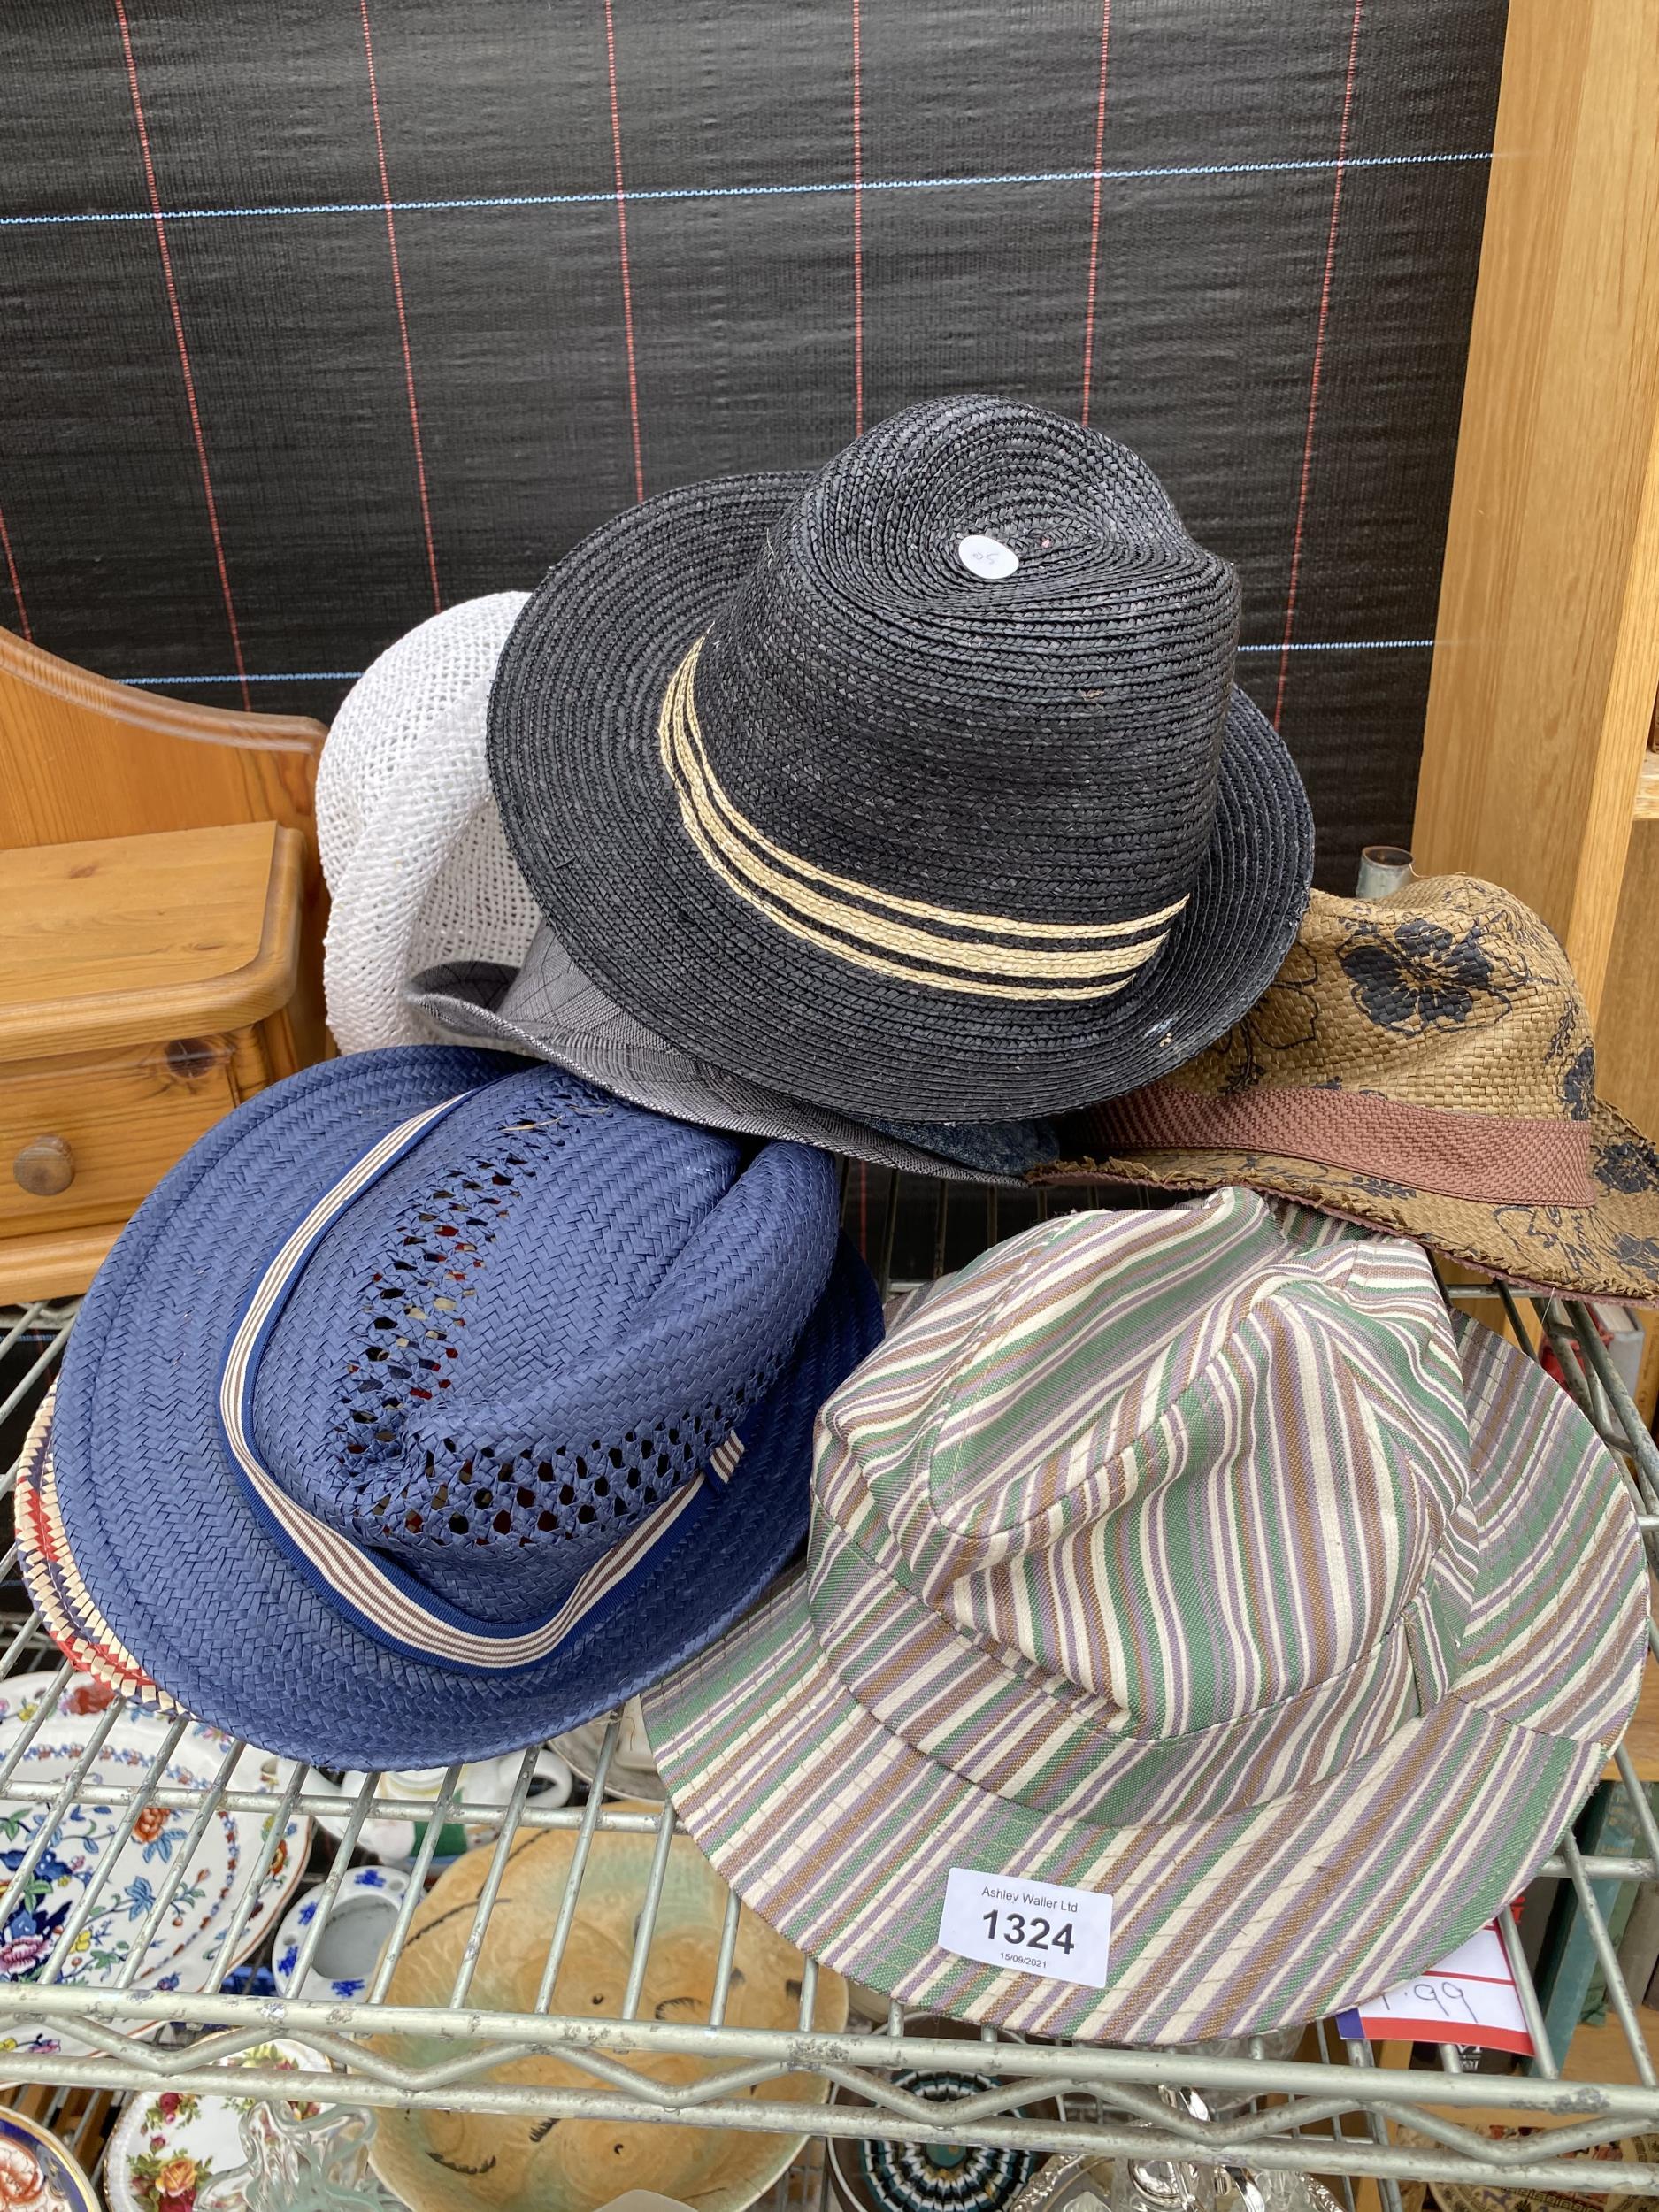 AN ASSORTMENT OF HATS